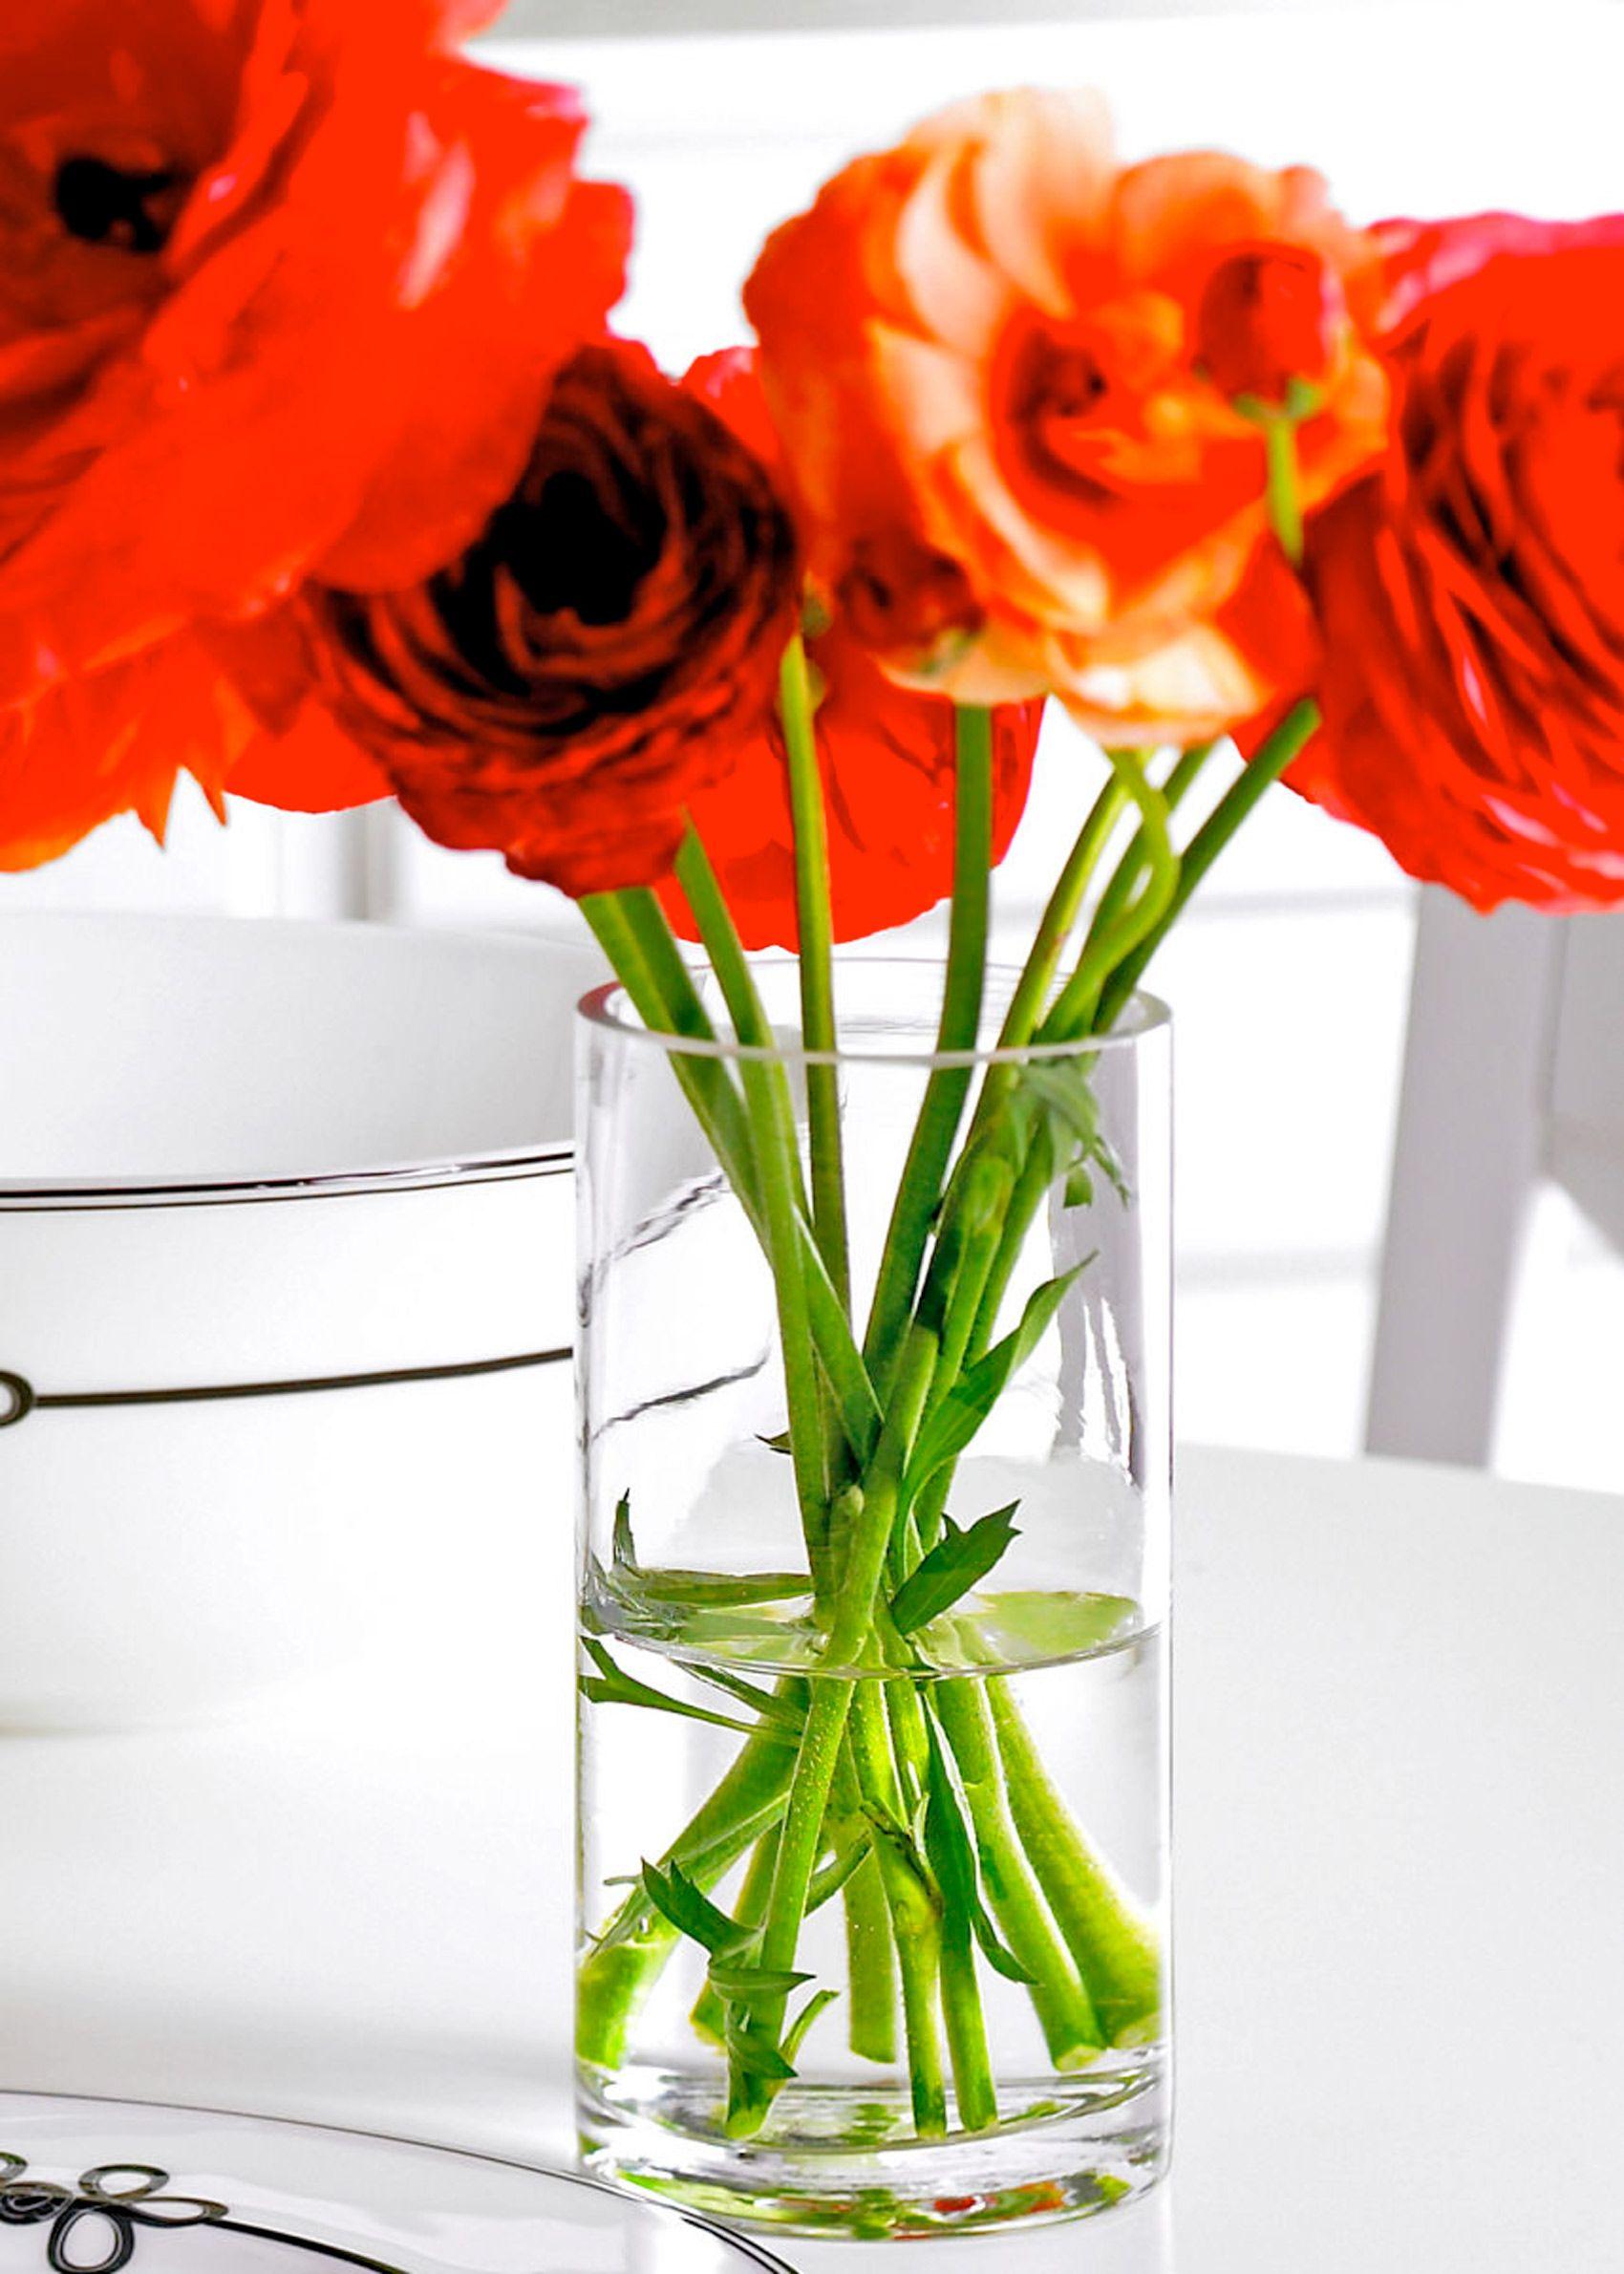 flowers_in_vase.jpg